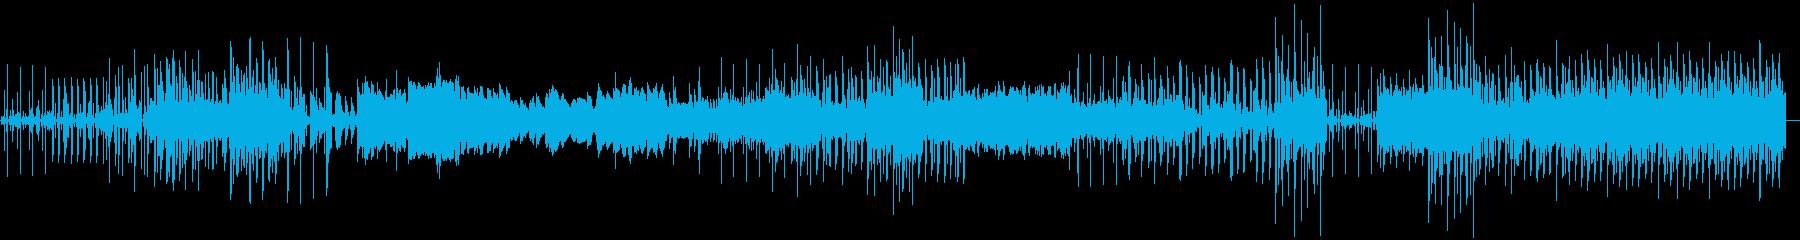 リズムの良いメロディアスな感じのインストの再生済みの波形